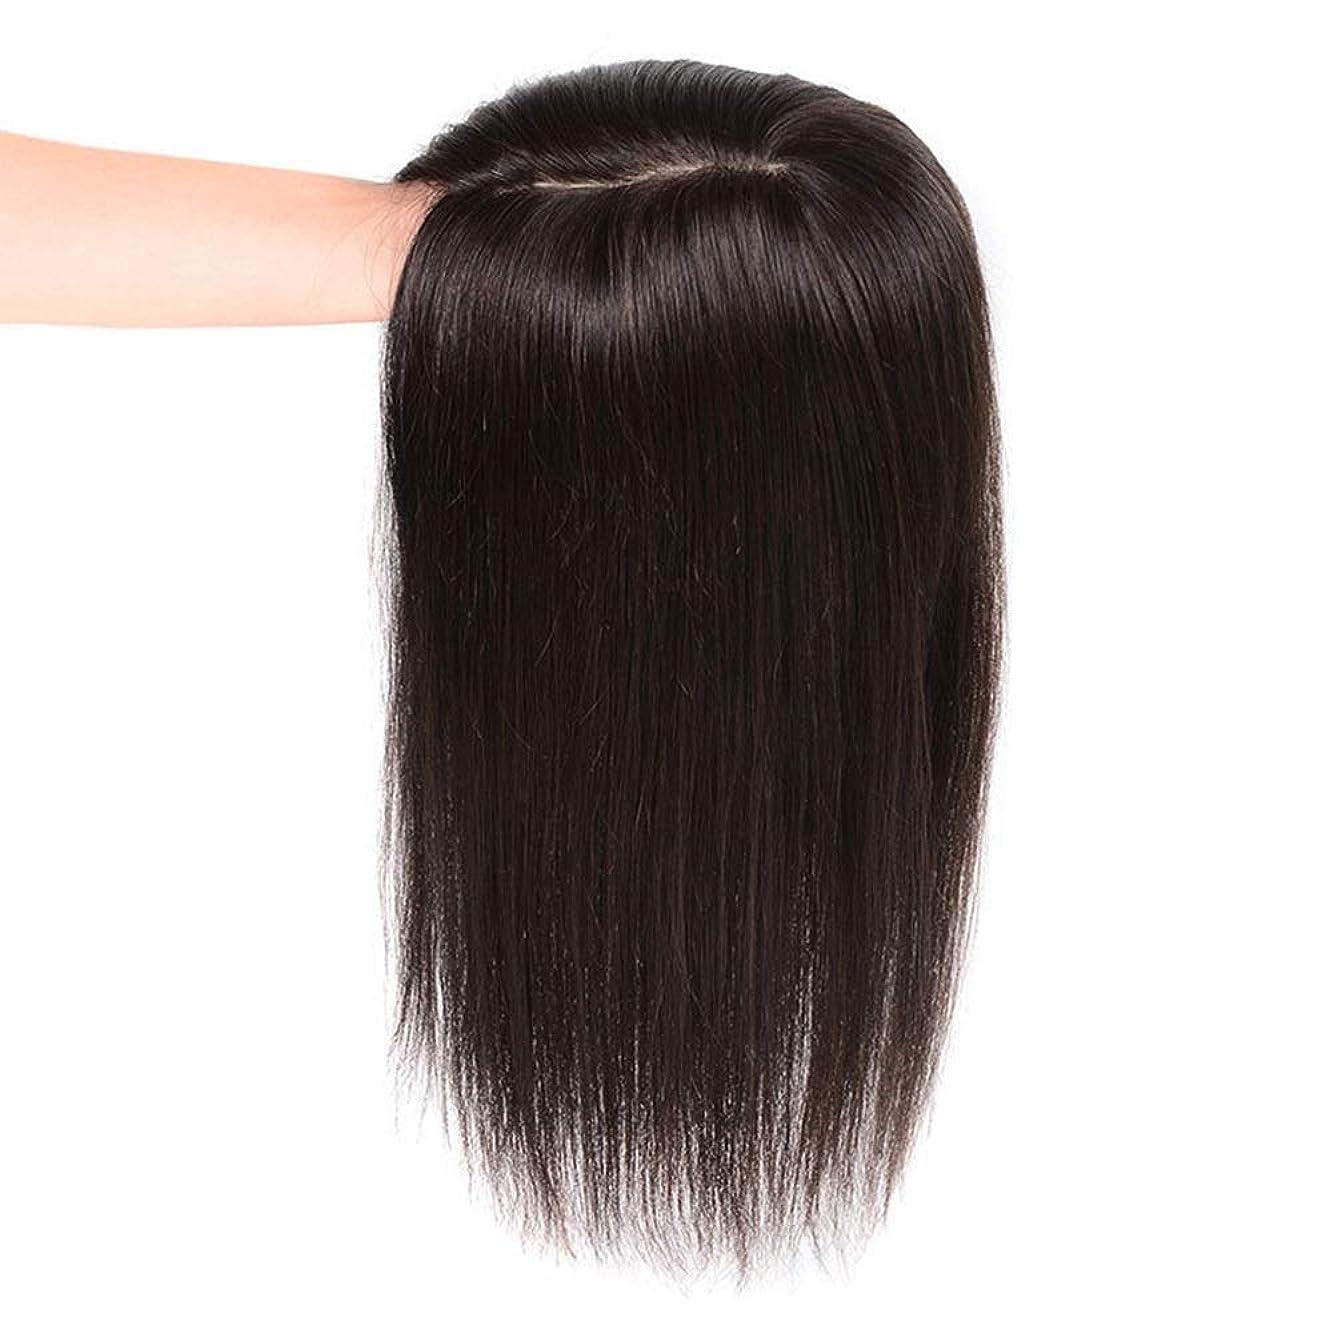 傭兵苦不健全BOBIDYEE 女性のための3Dハンドニードルリアルヘアウィッグナチュラルヘアエクステンションホワイトヘアパーティーウィッグ (Color : Natural black, サイズ : [7x10]30cm)